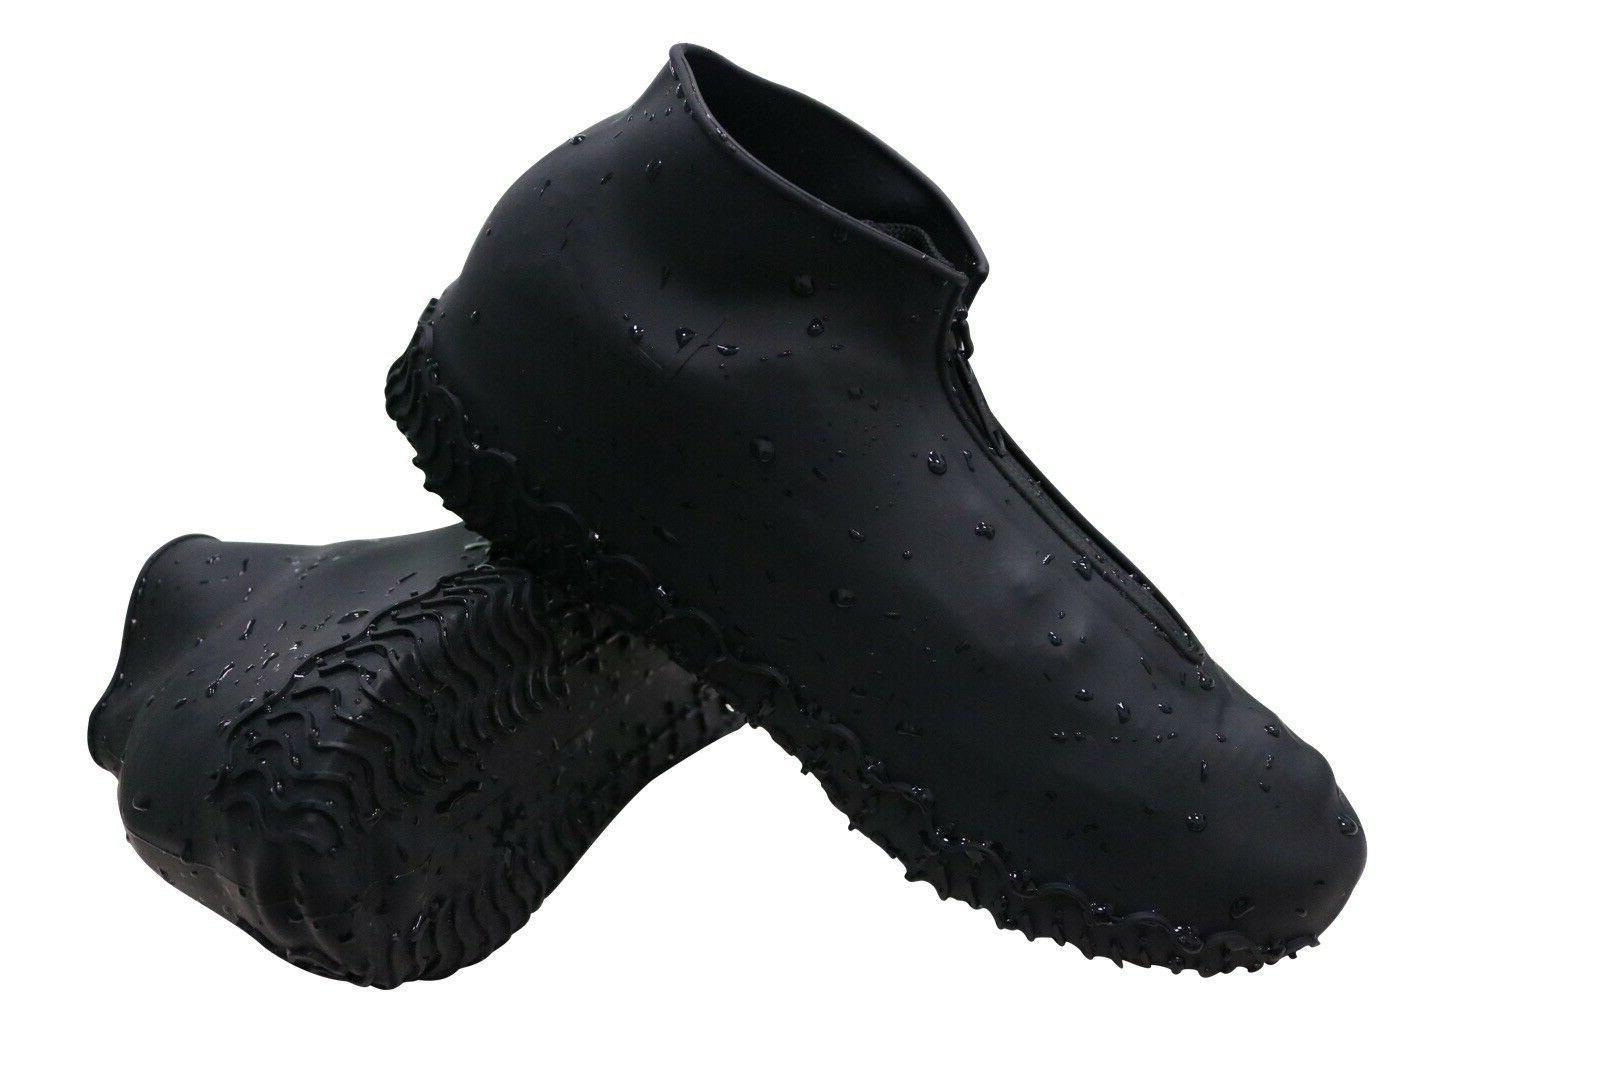 Anti-slip Reusable Rain Shoe Waterproof Cover